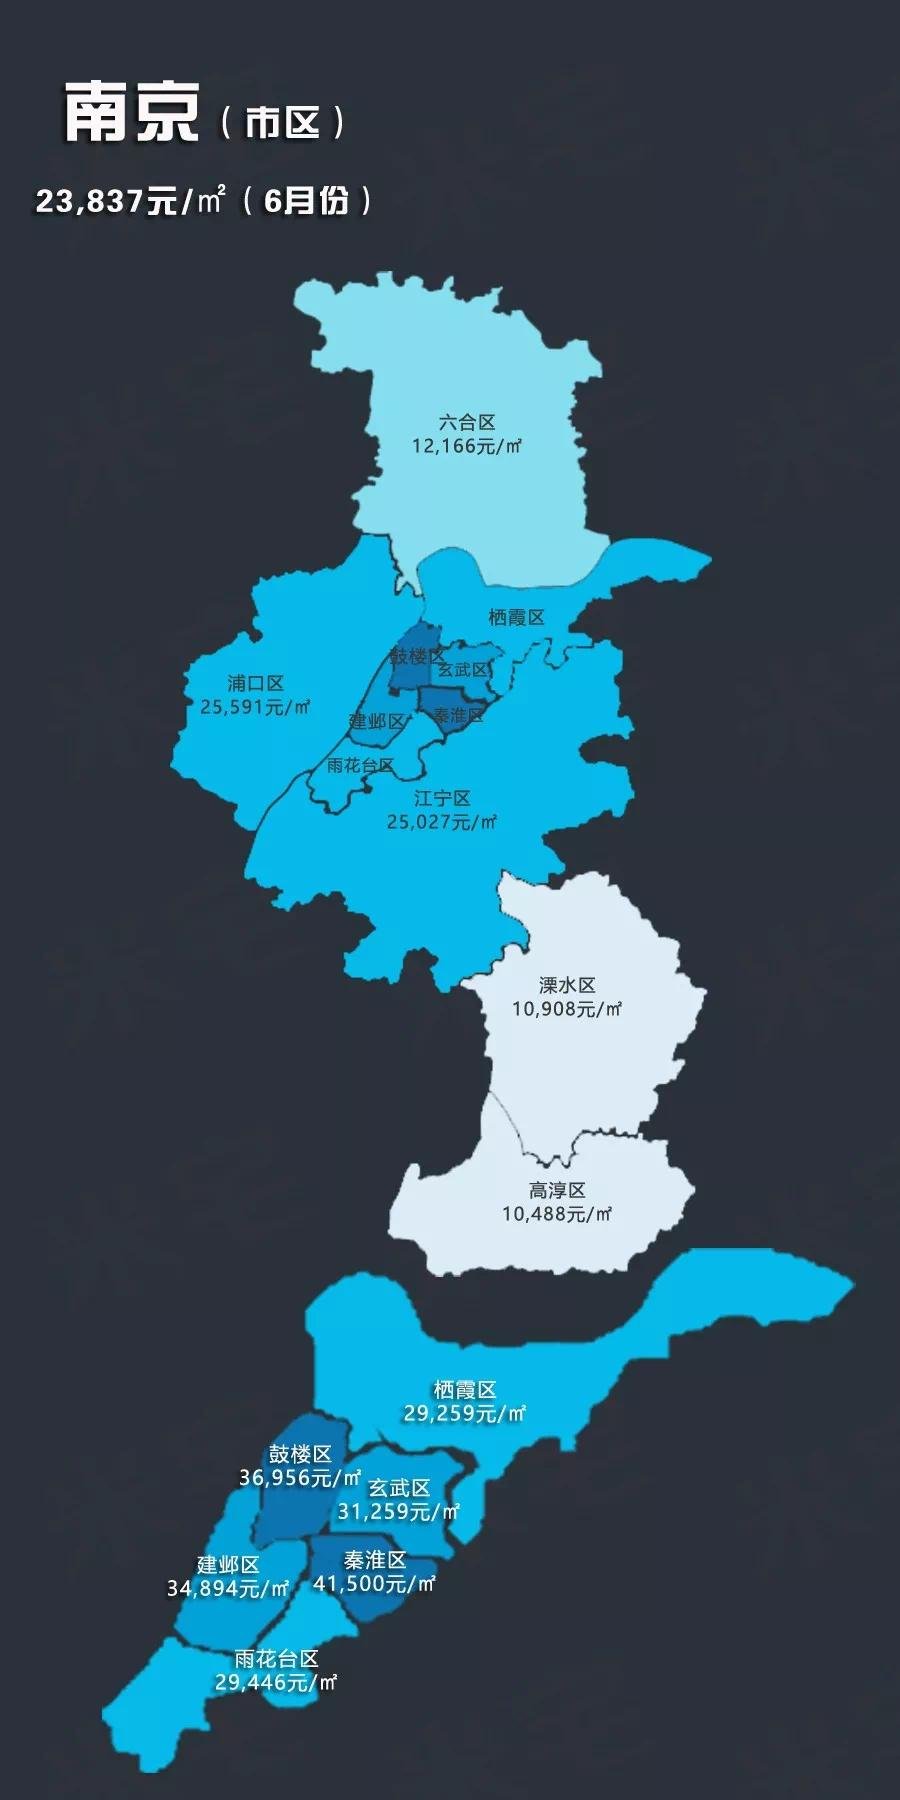 2019房价城市排行榜_2019年全国城市房价排行榜